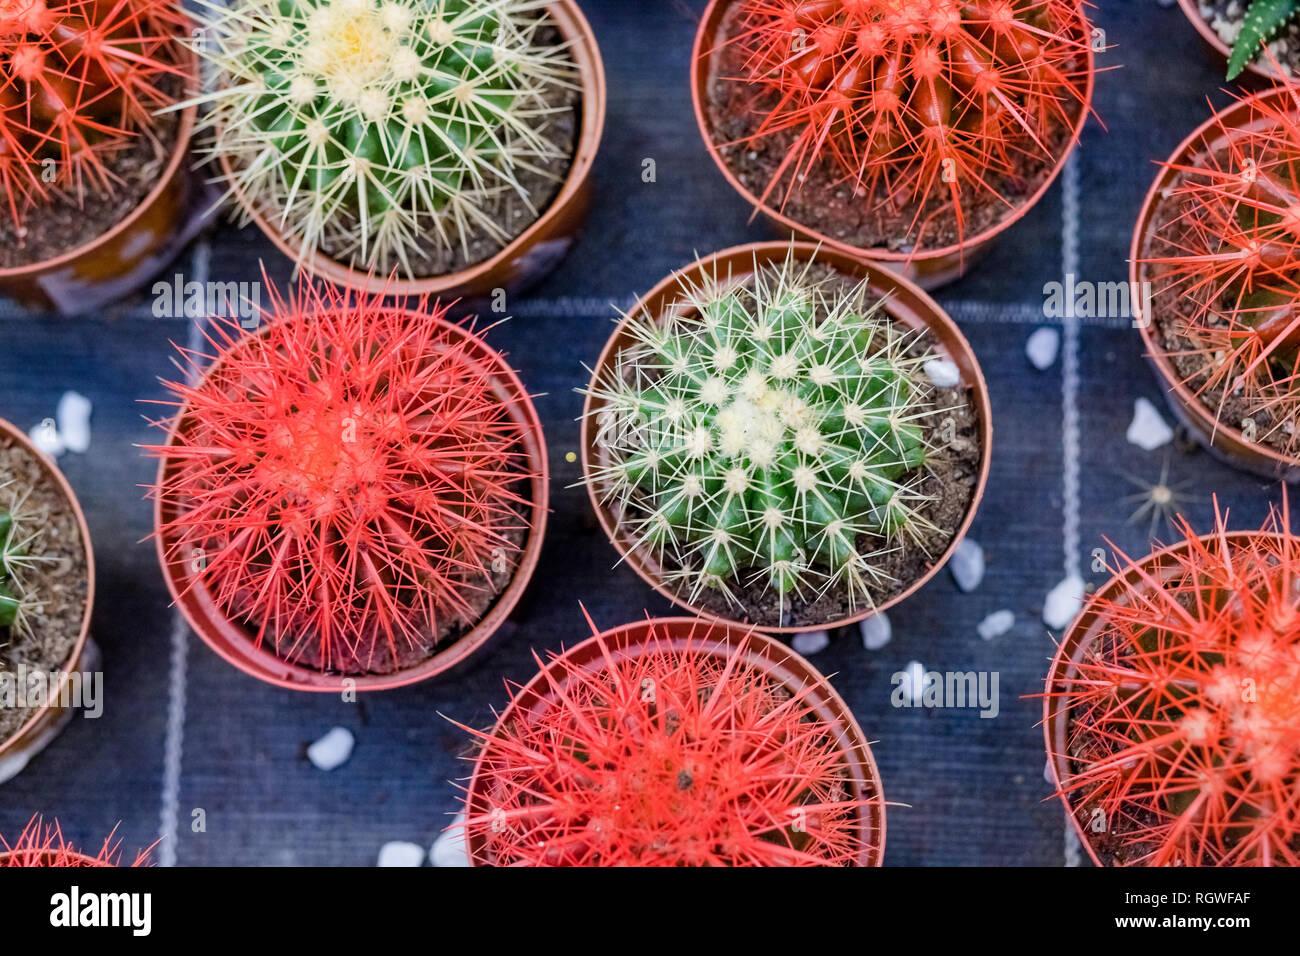 Piante Grasse Da Esterno piante grasse da appartamento immagini & piante grasse da